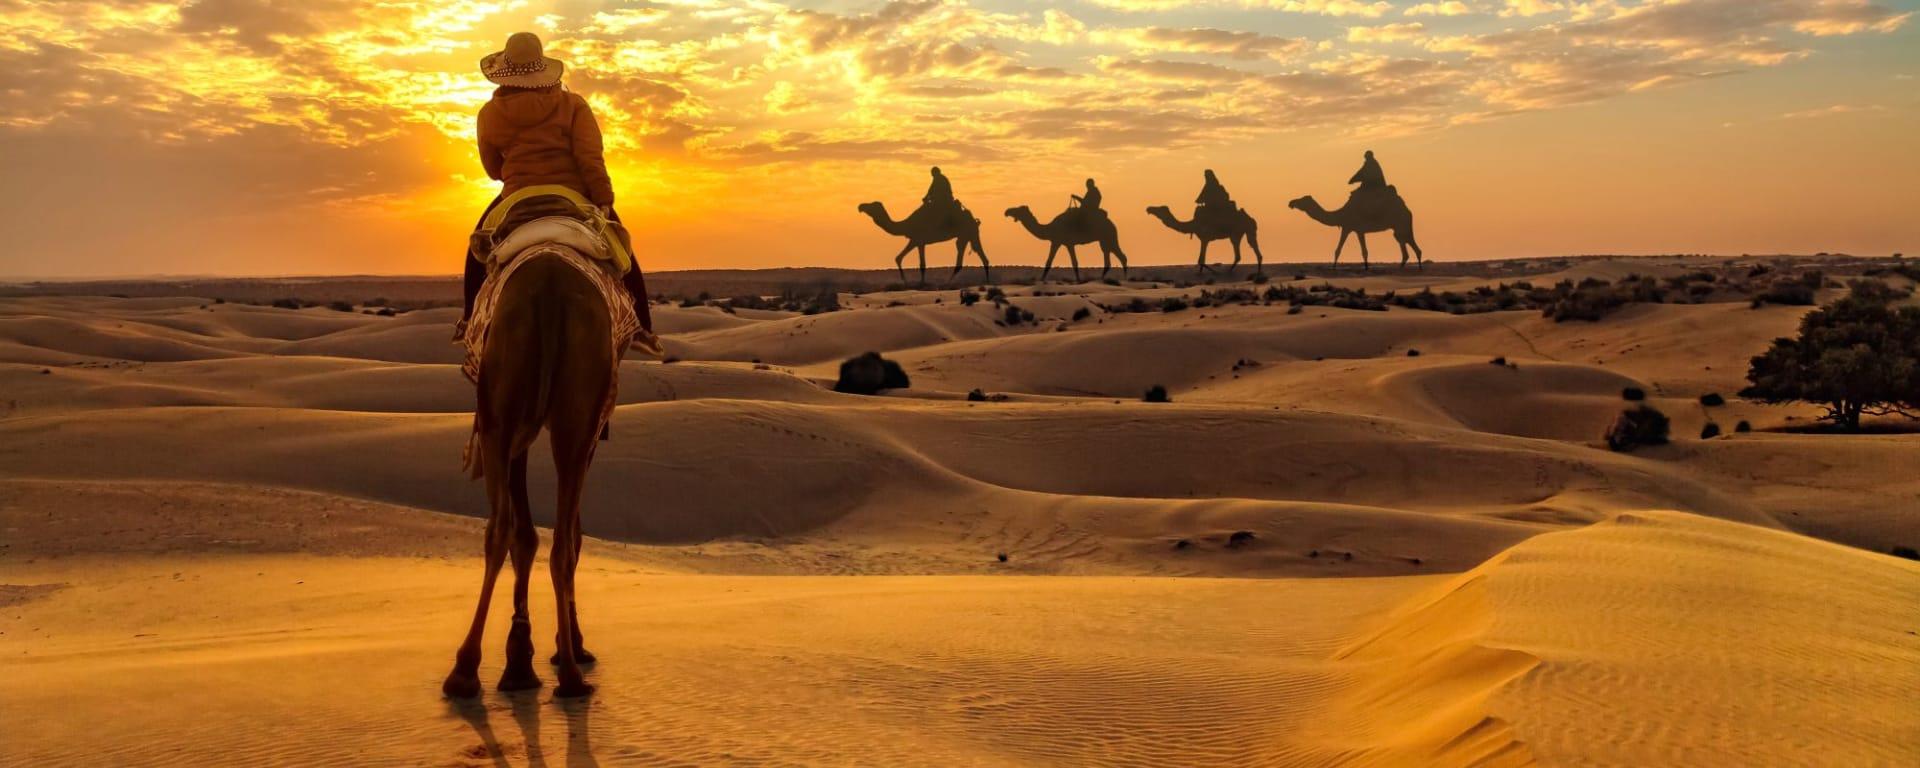 Tout savoir sur les voyages et les vacances en Inde: Thar Desert Camel Caravan